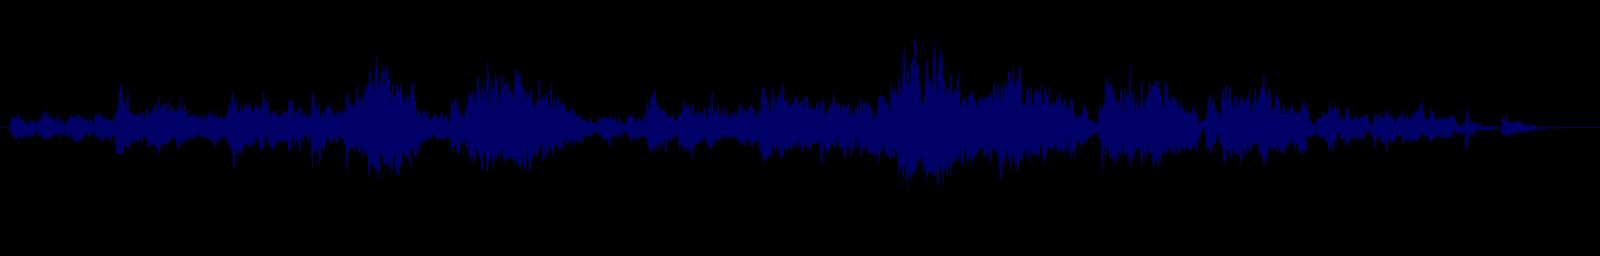 waveform of track #104906